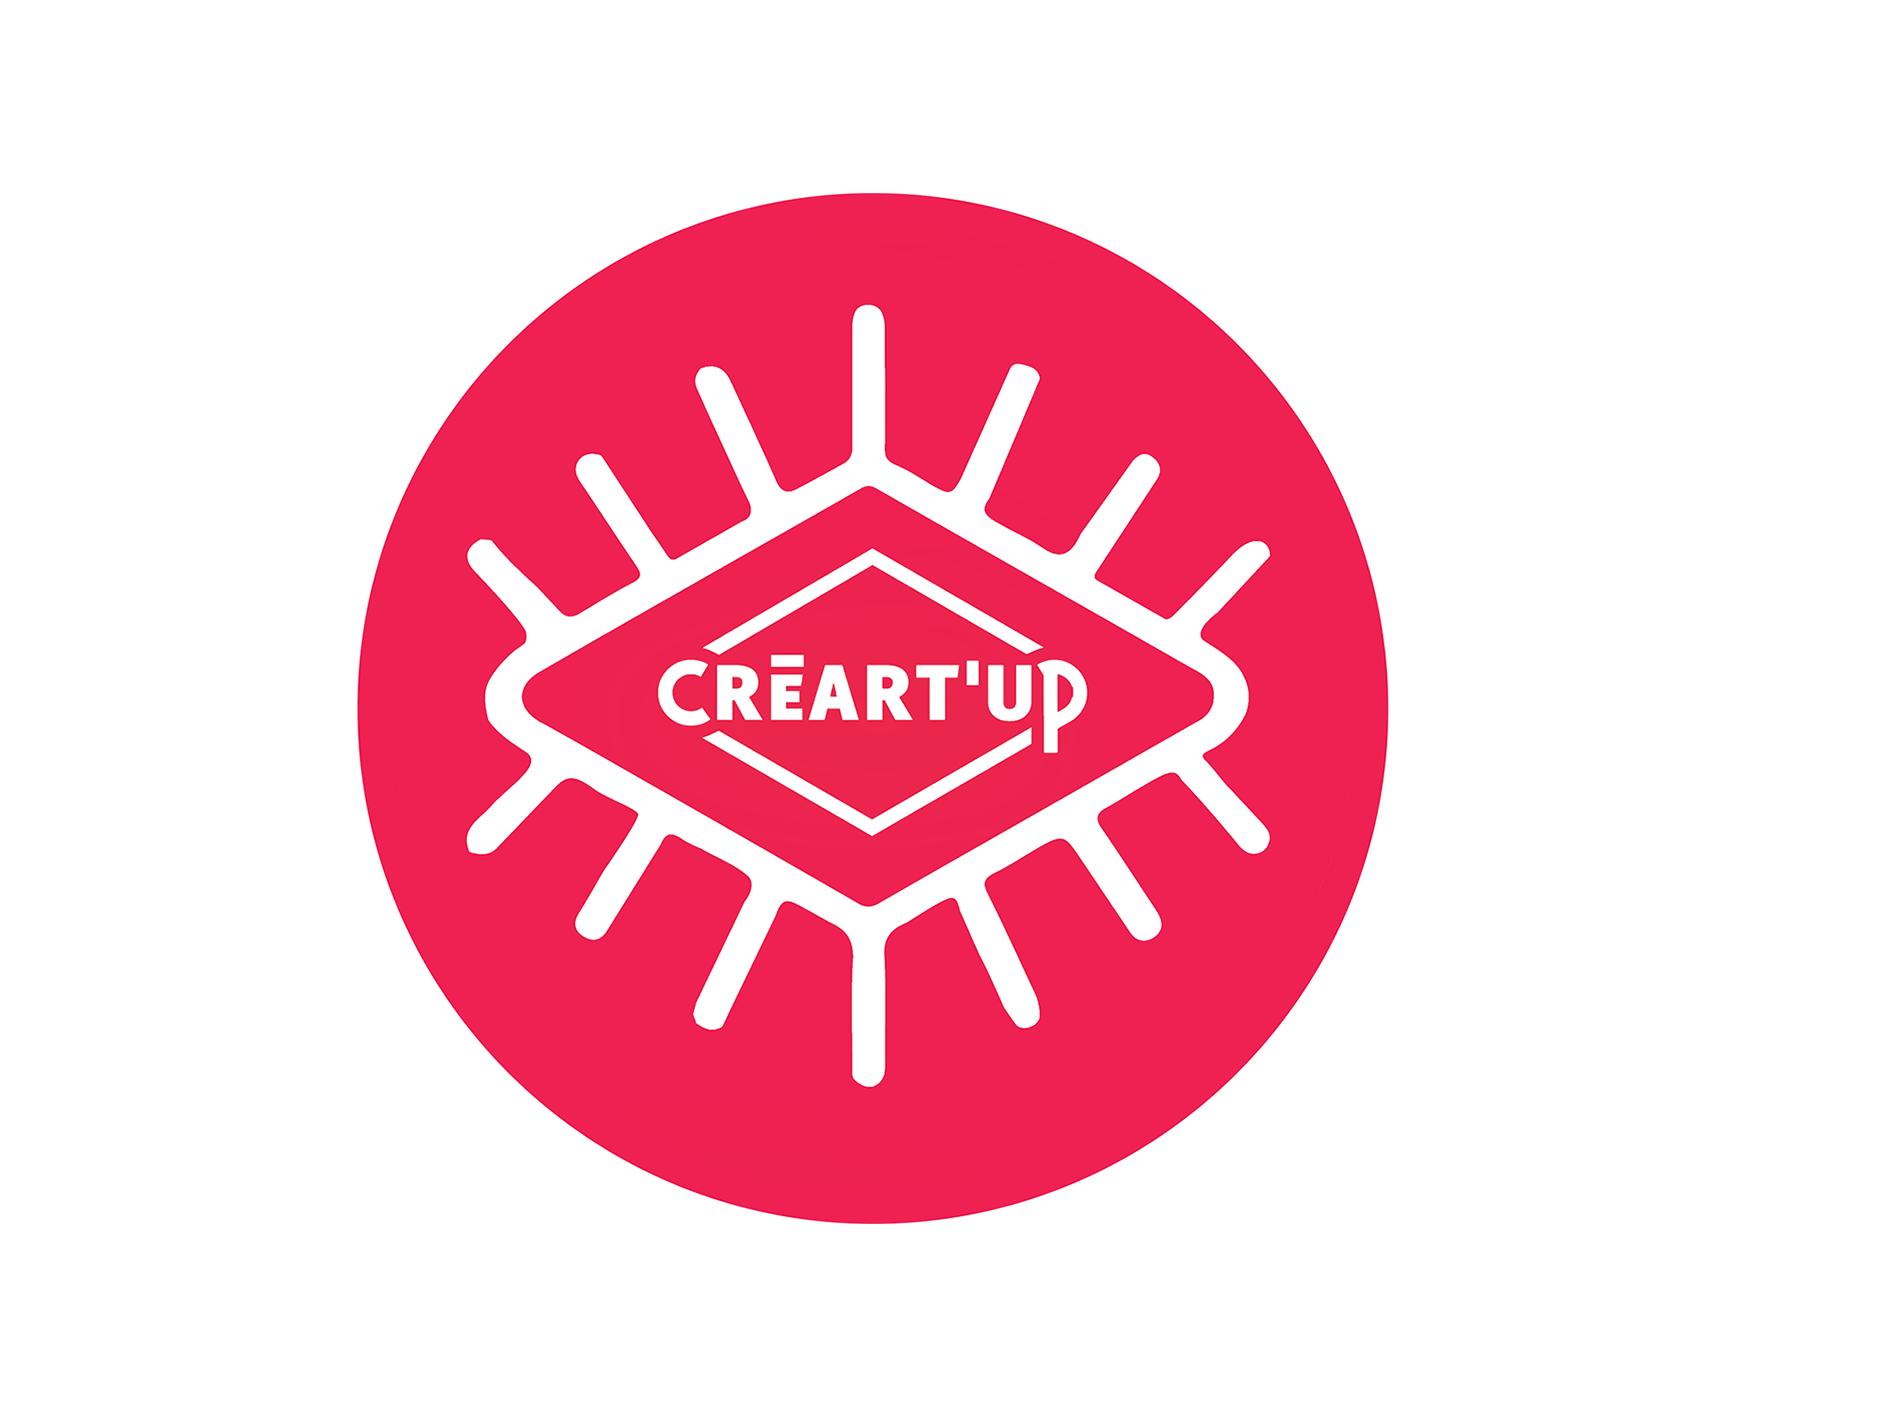 Logo créart'up